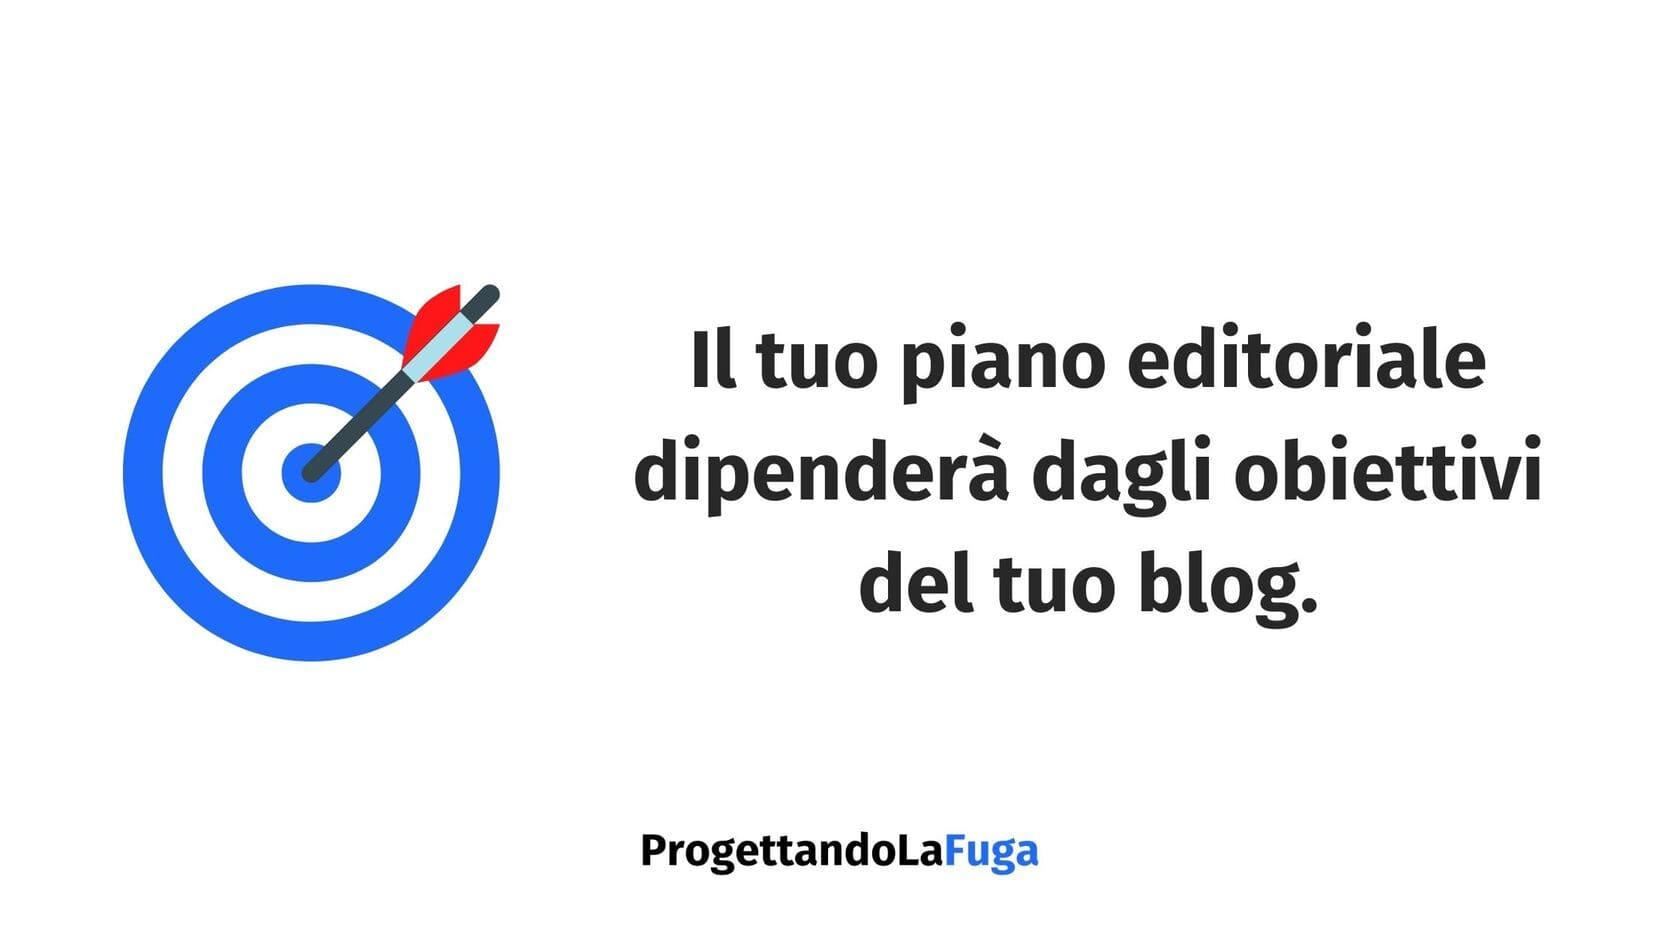 piano editoriale per blog e obiettivi